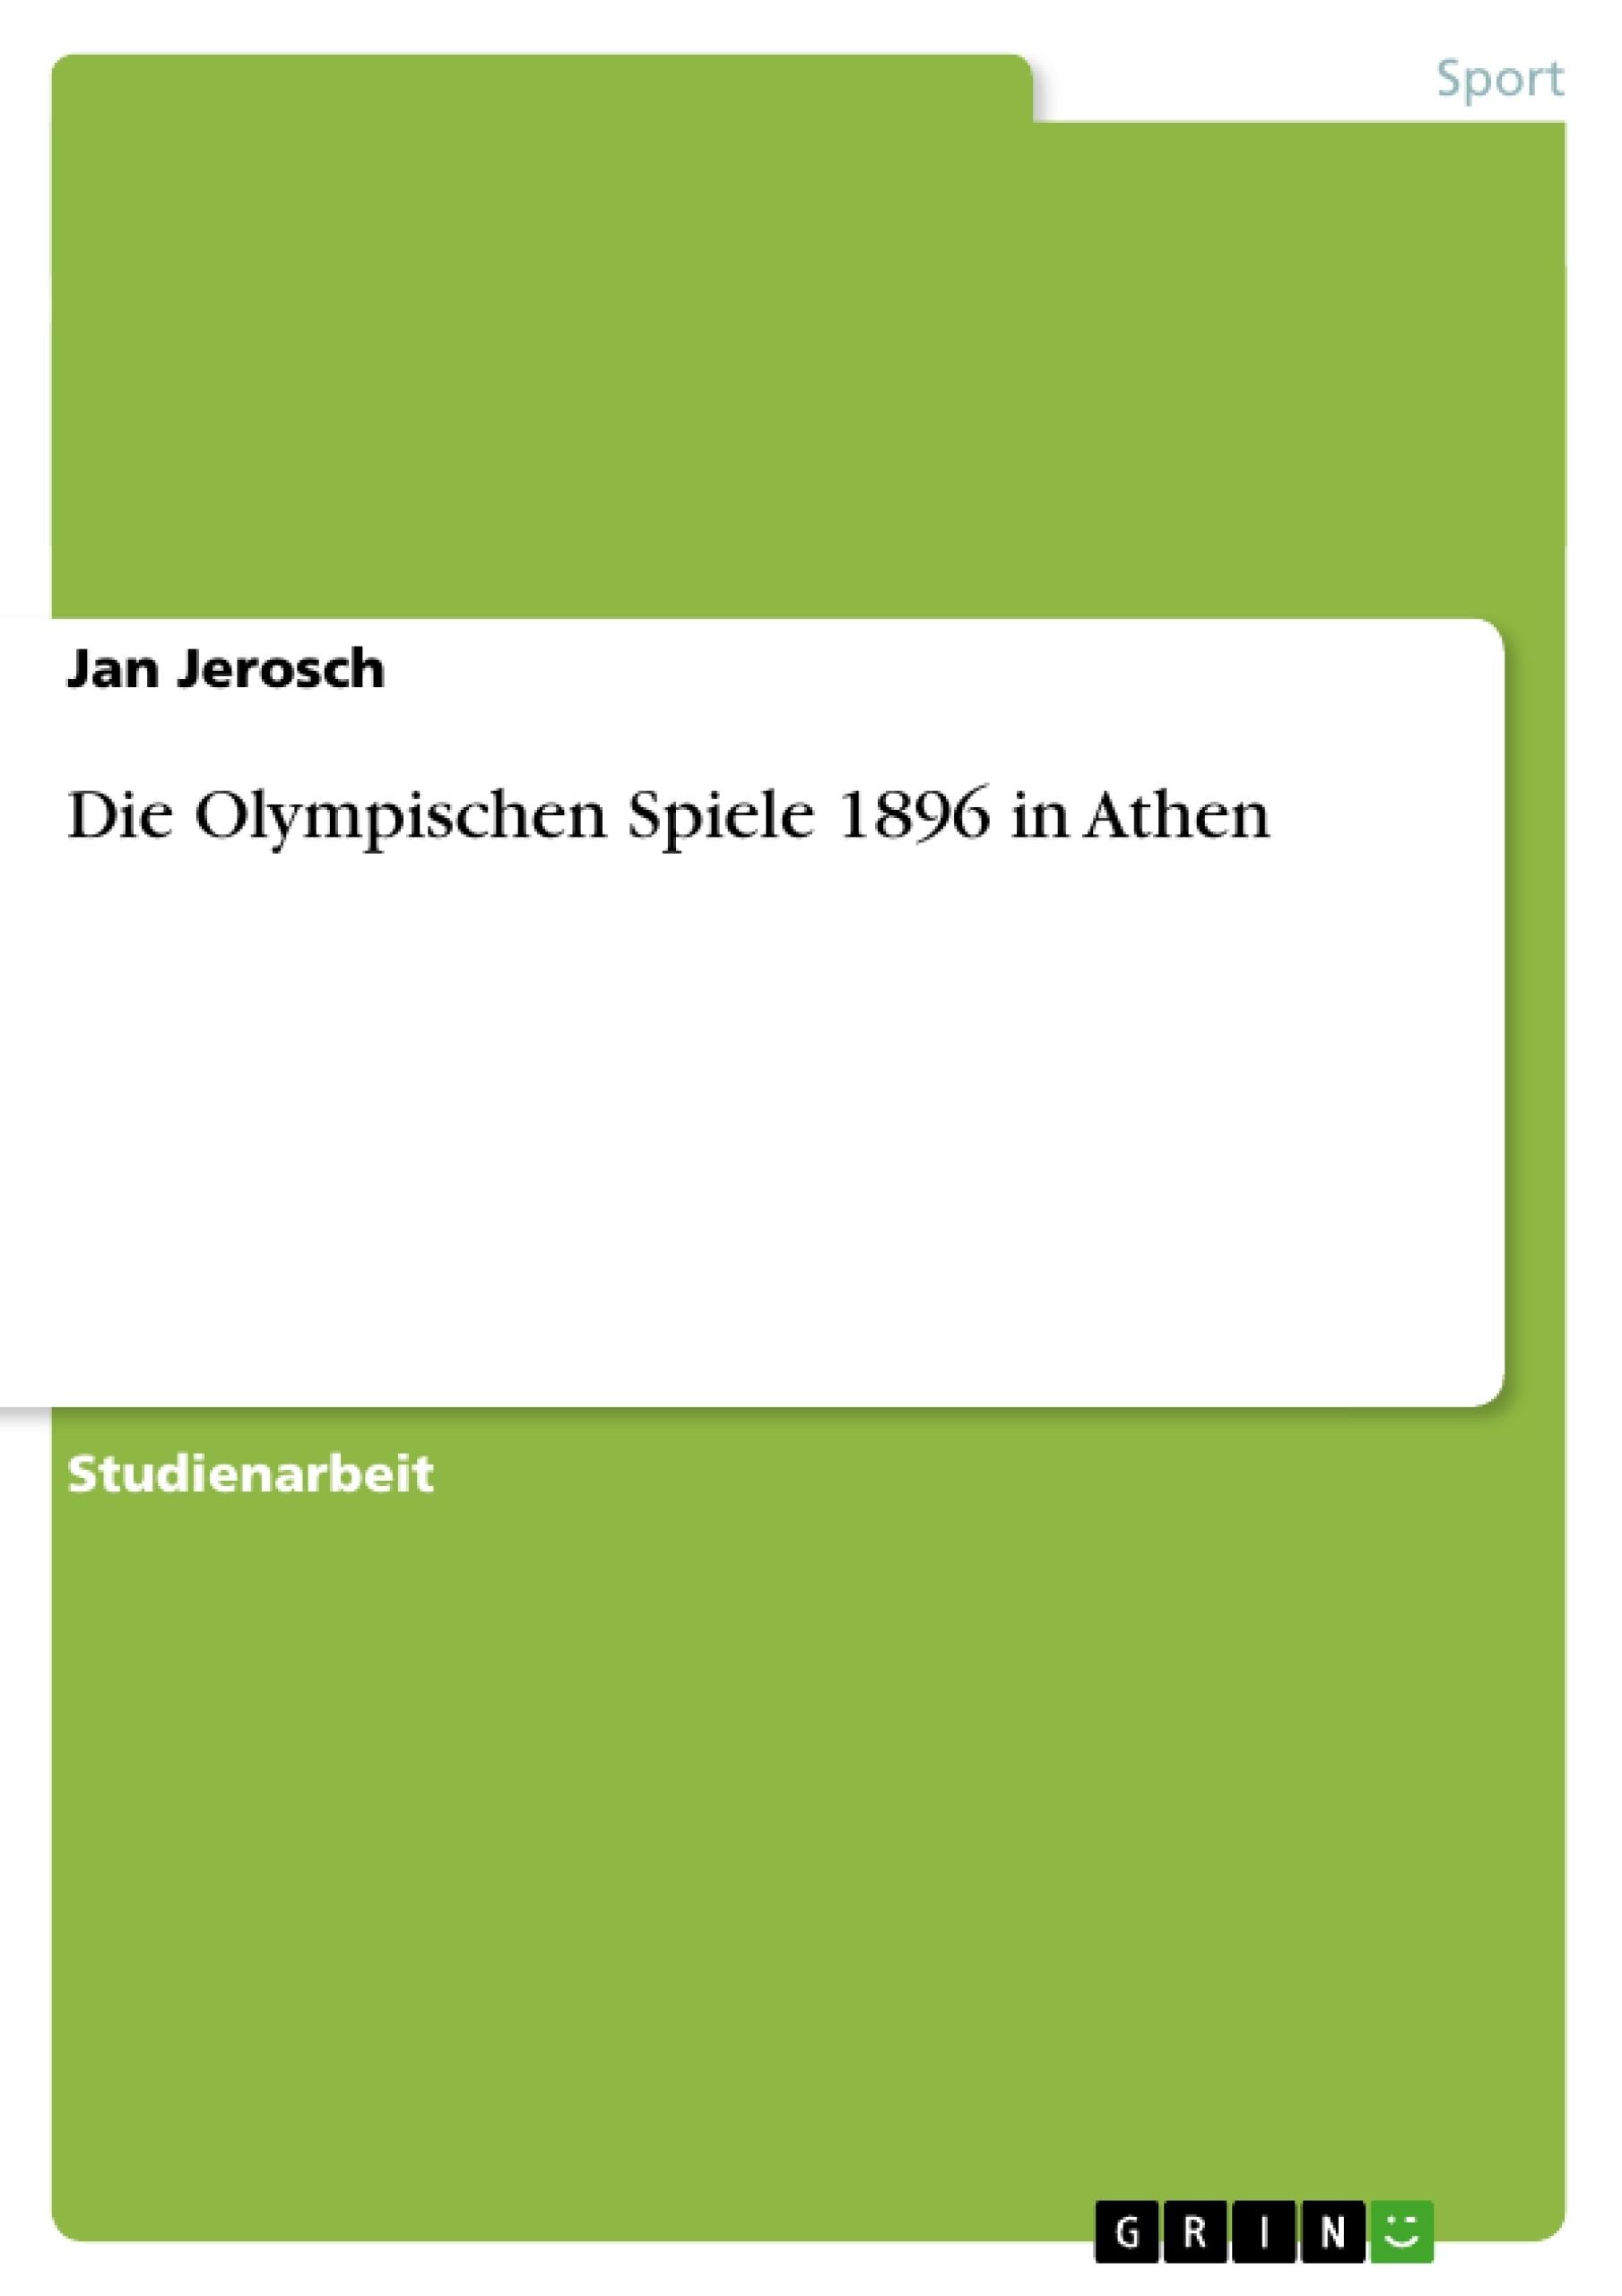 Titel: Die Olympischen Spiele 1896 in Athen